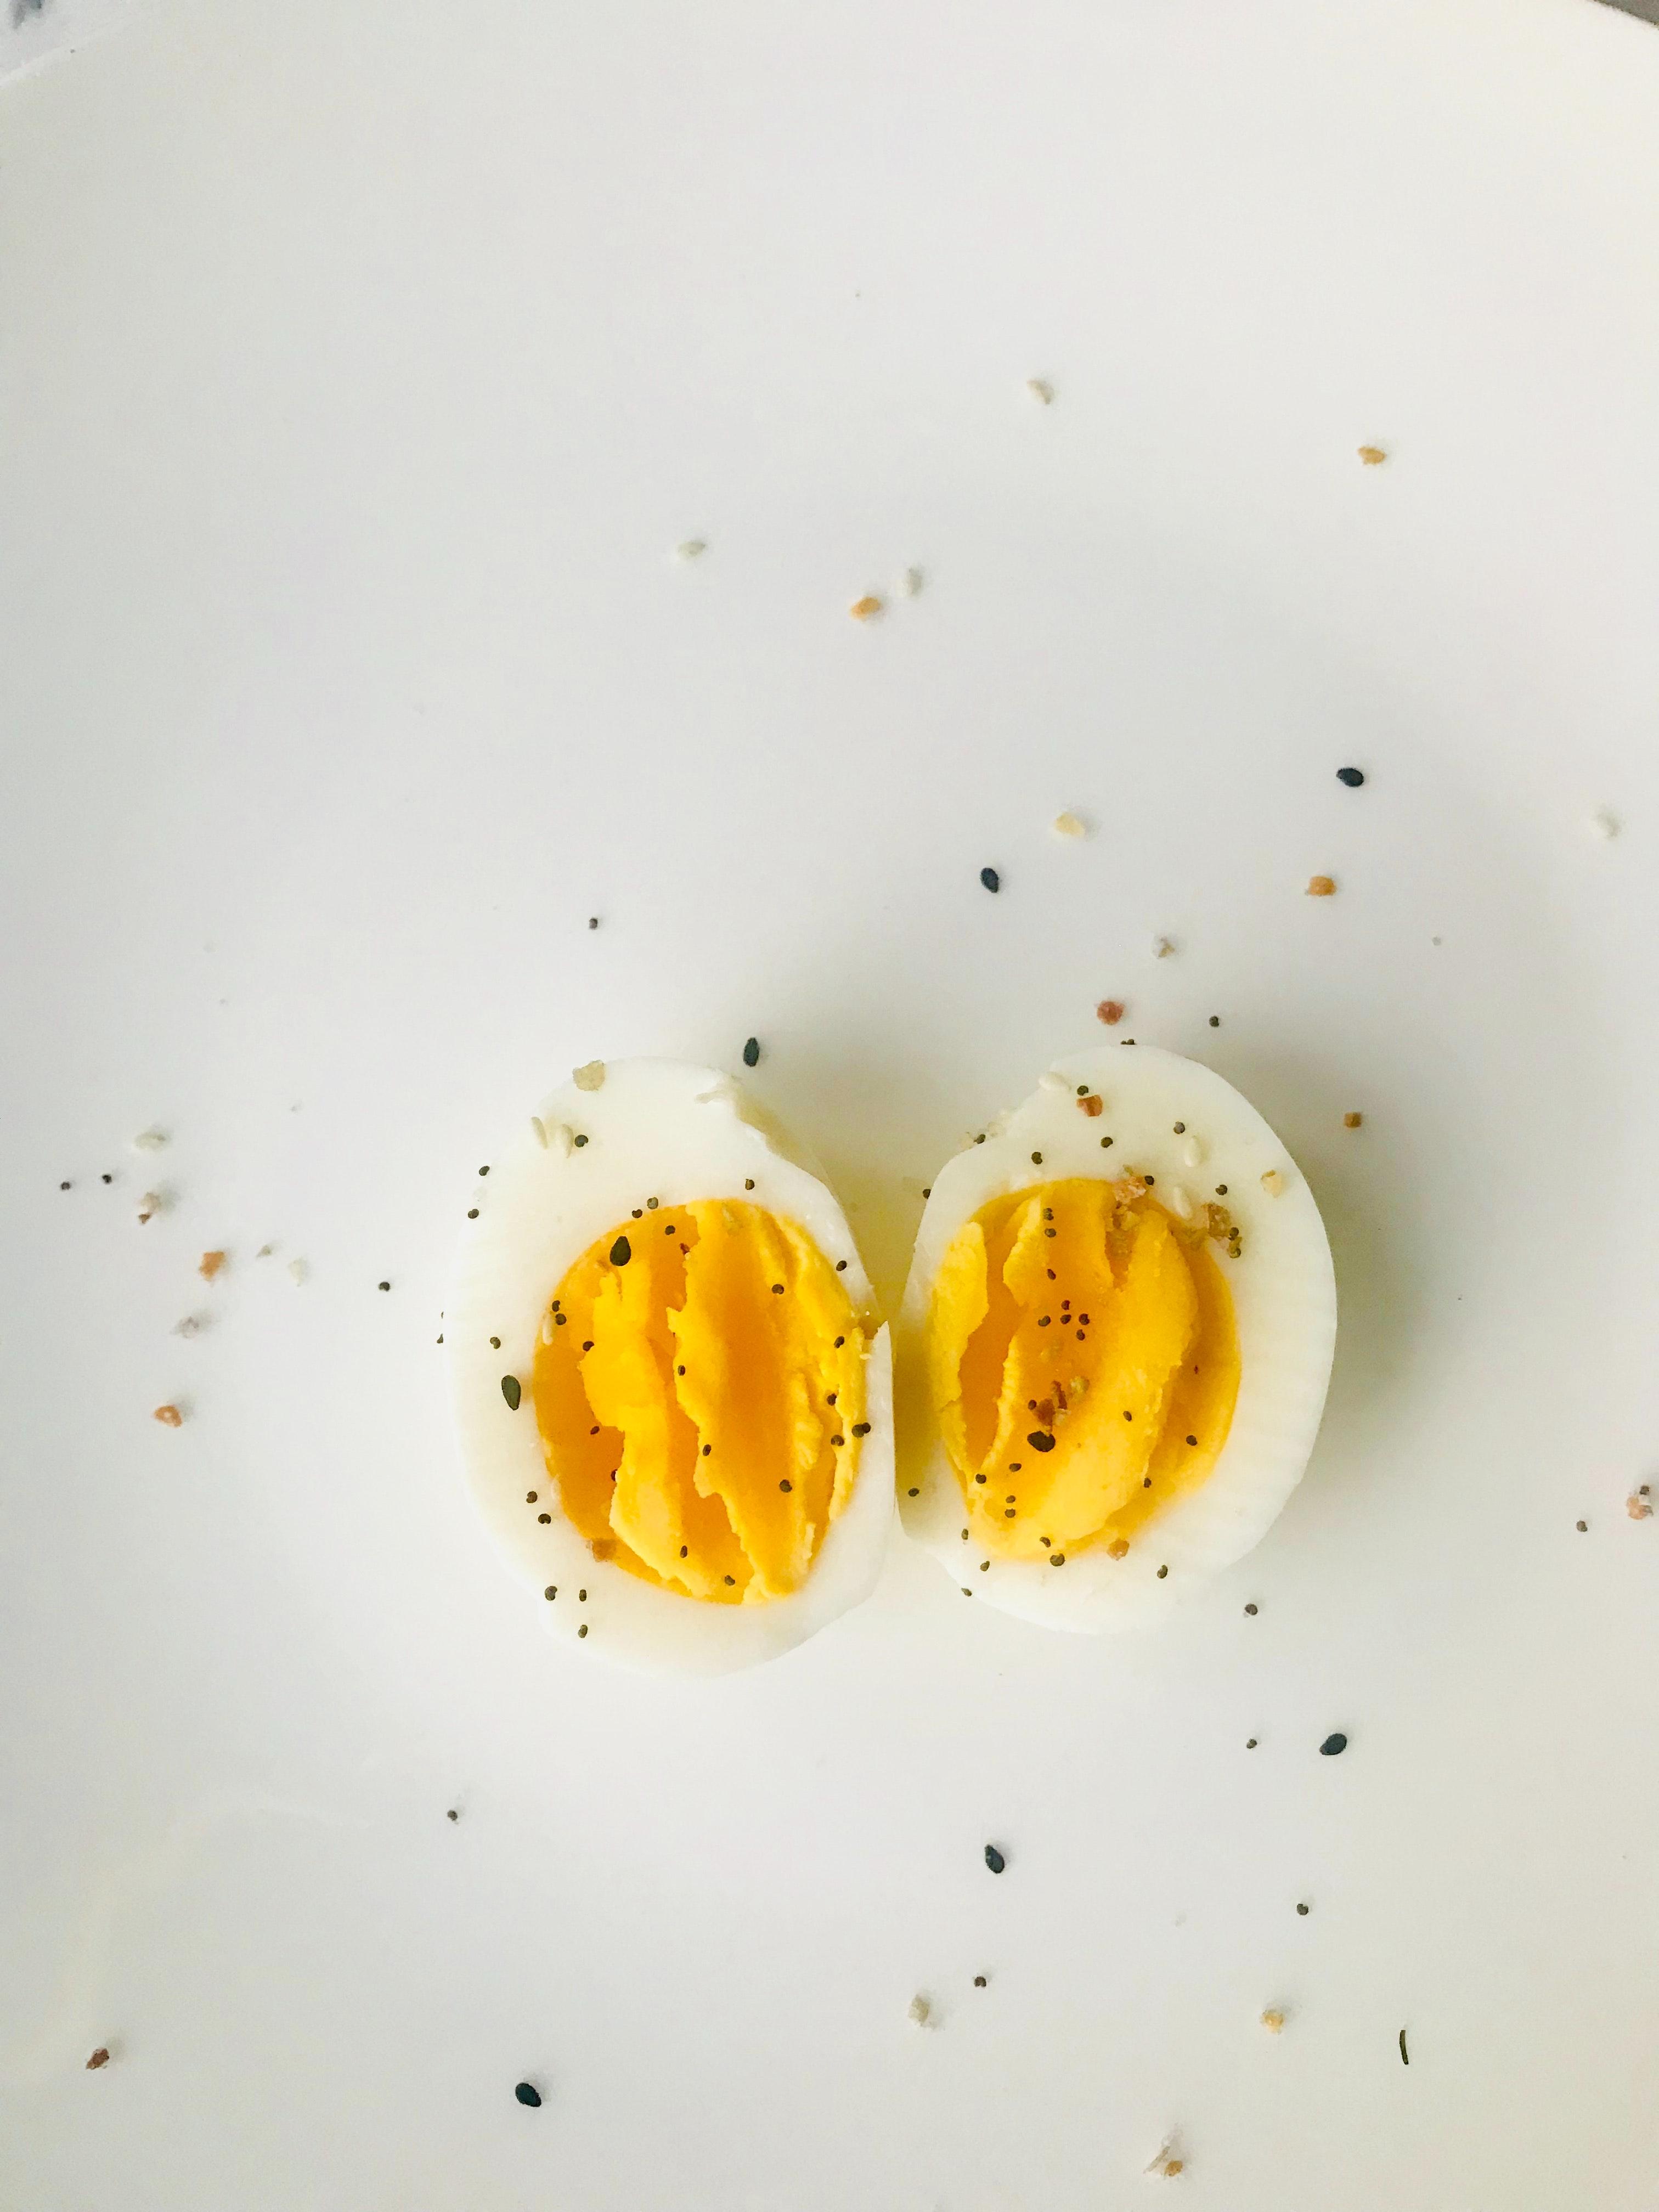 Sliced boiled egg on white plate photo